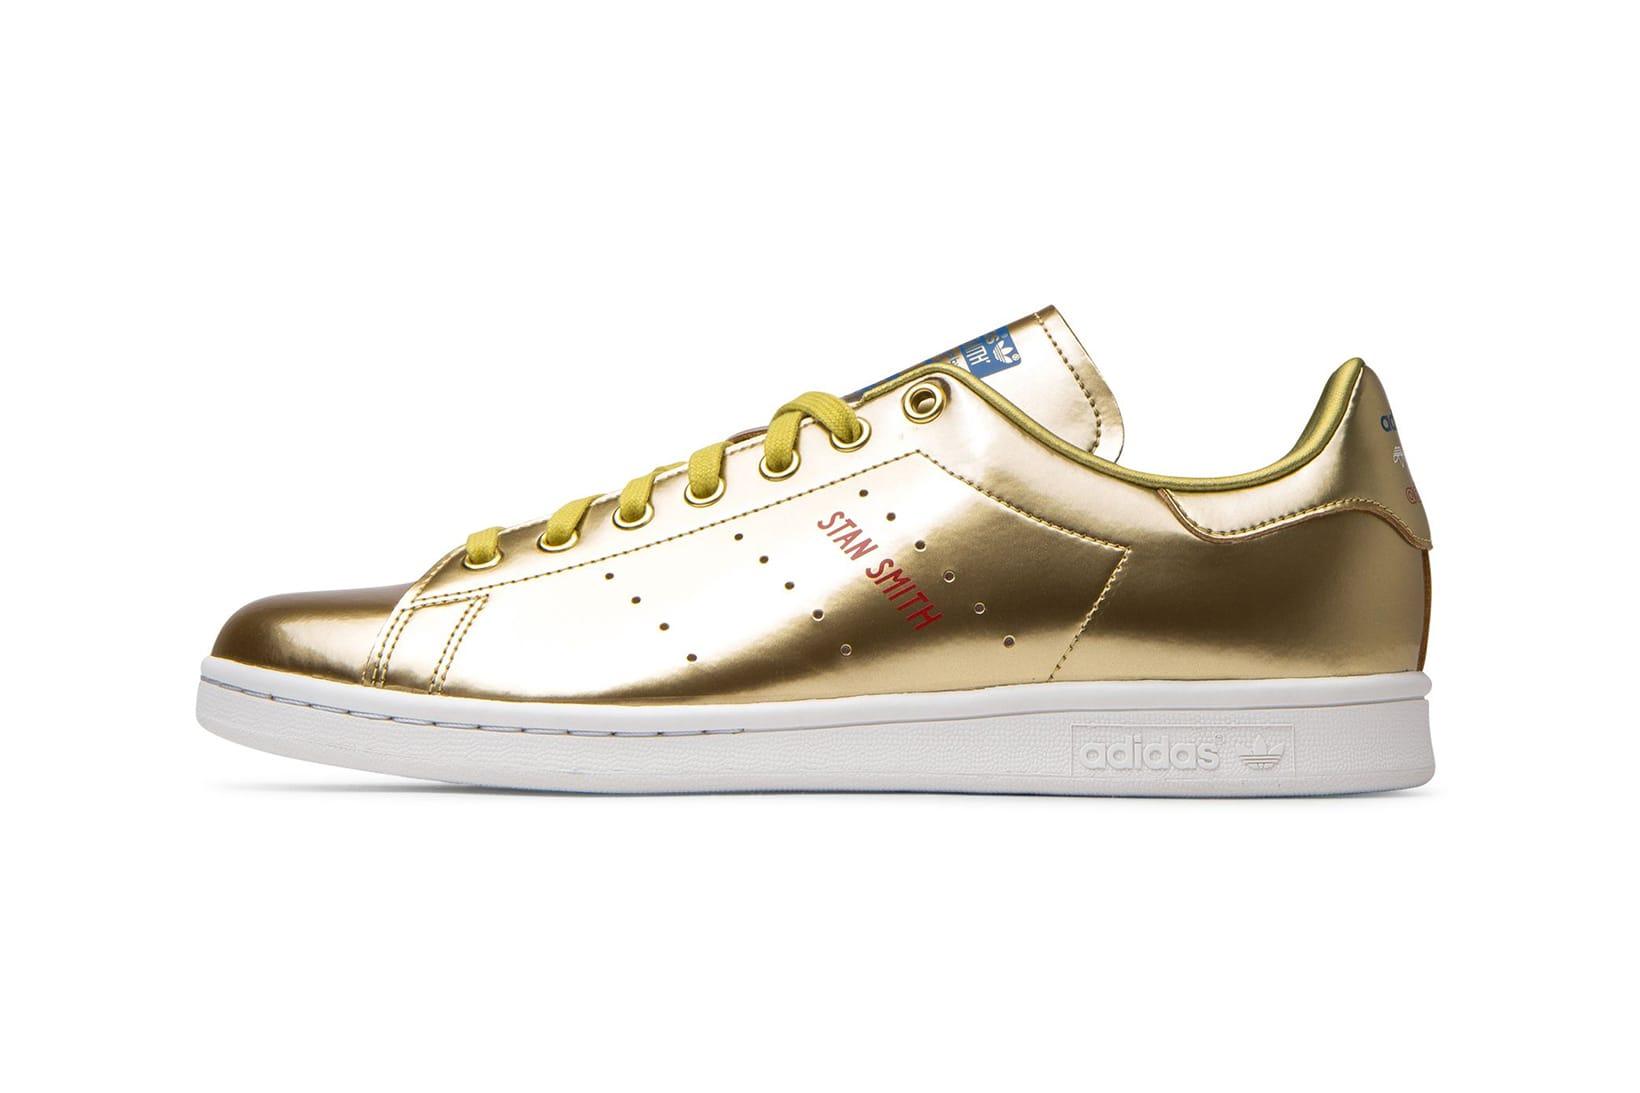 adidas stan smith metallic